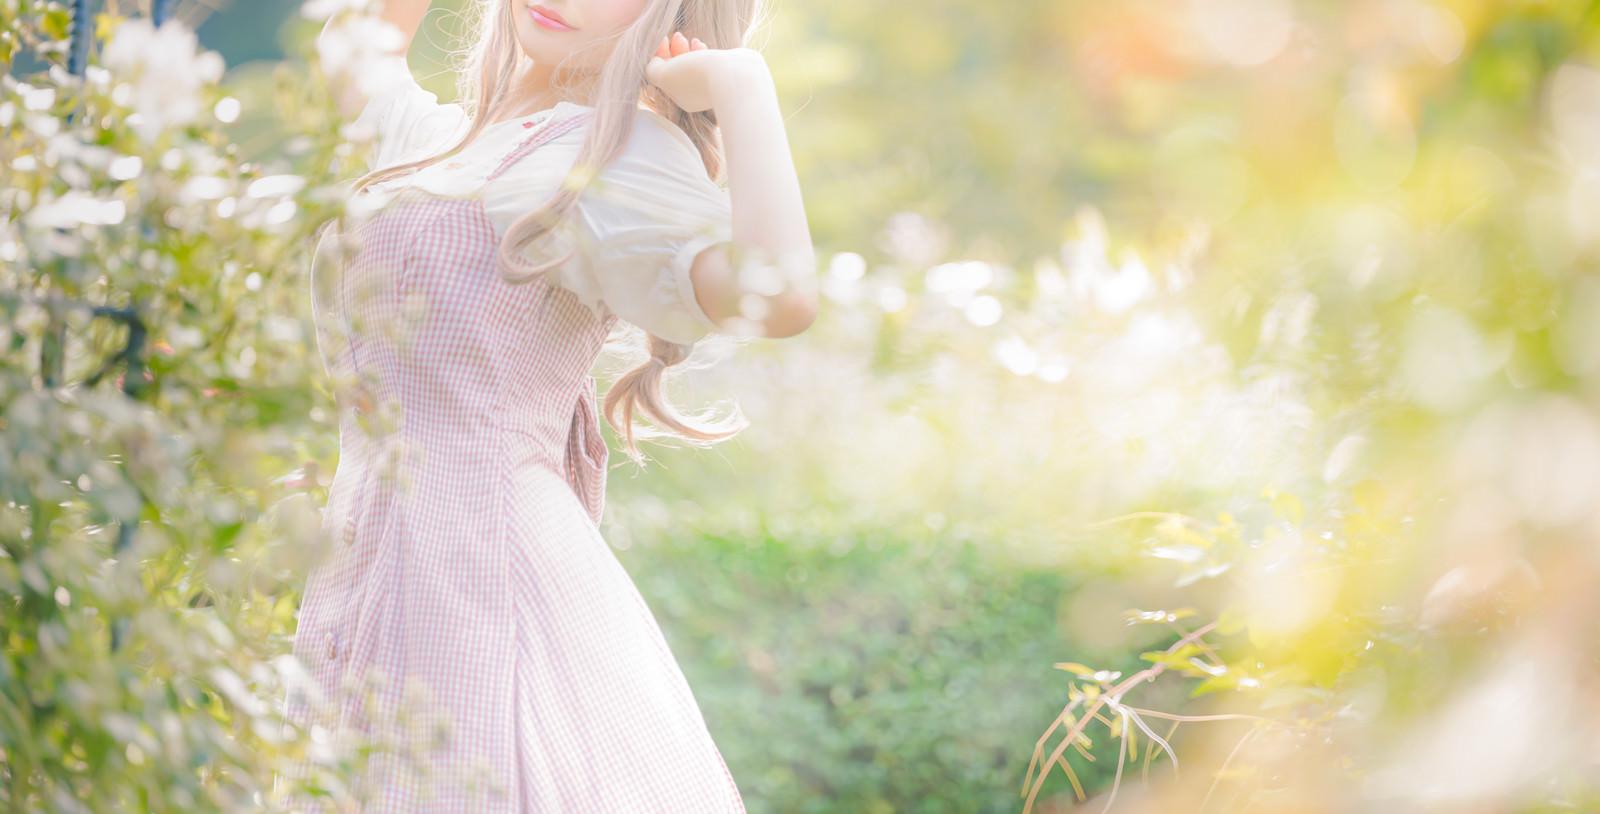 「木漏れ日に包まれる森娘」の写真[モデル:石投げて美奈代]